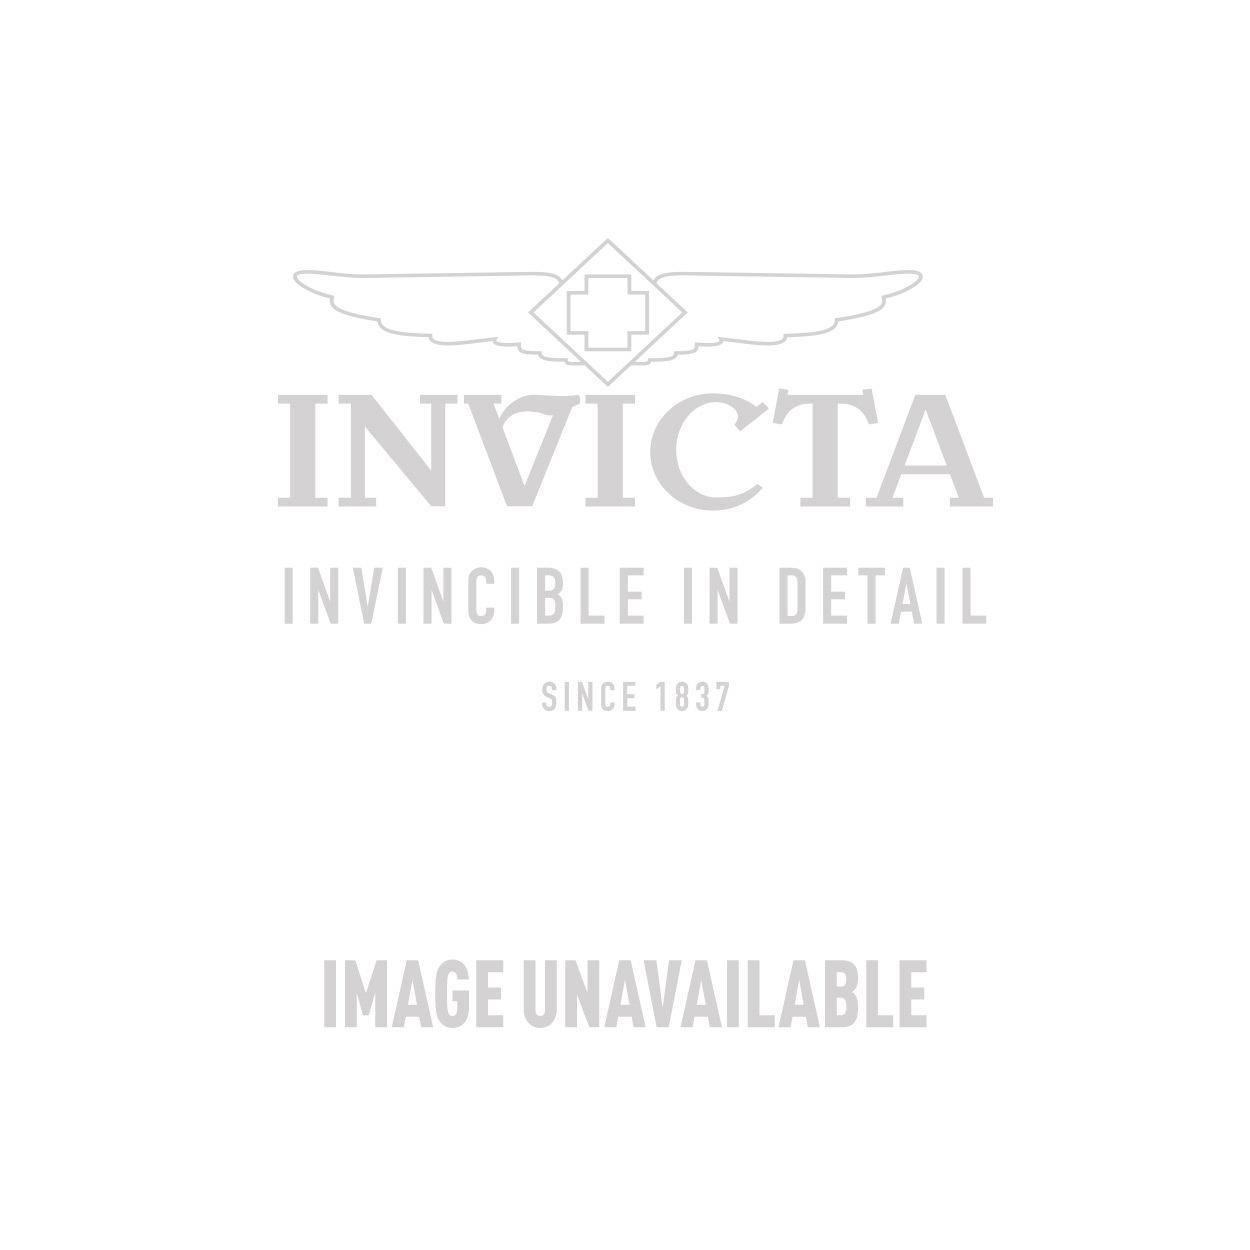 Invicta Model 23928